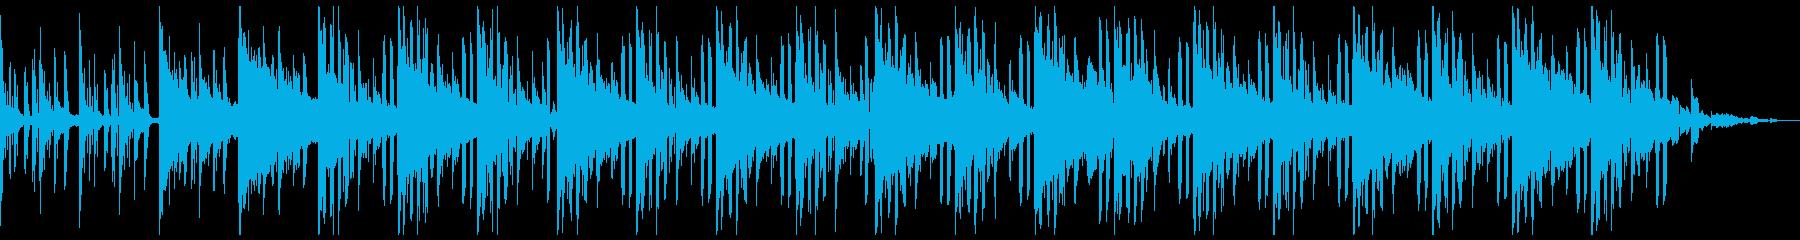 暗い雰囲気のローファイヒップホップの再生済みの波形